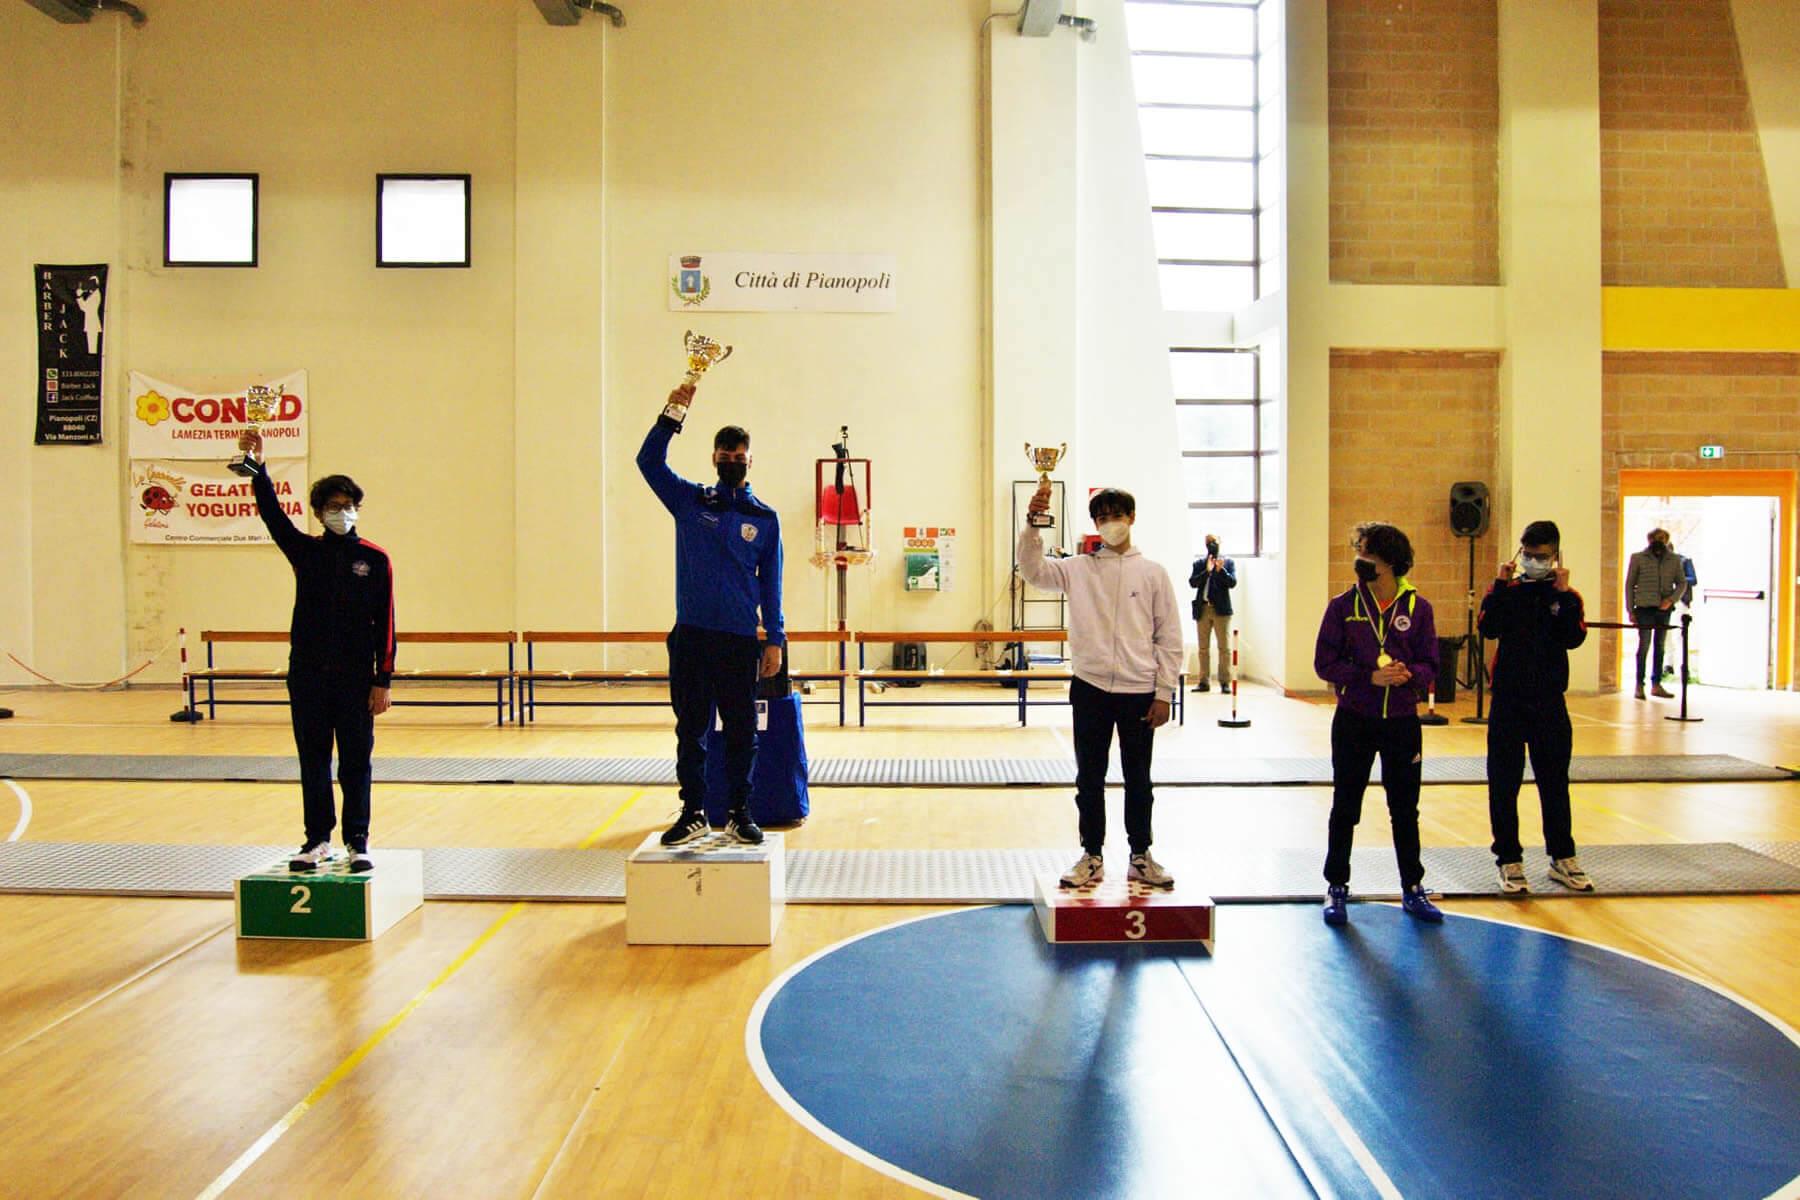 Prova di qualificazione Cadetti e Giovani: il podio di fioretto maschile Under-17